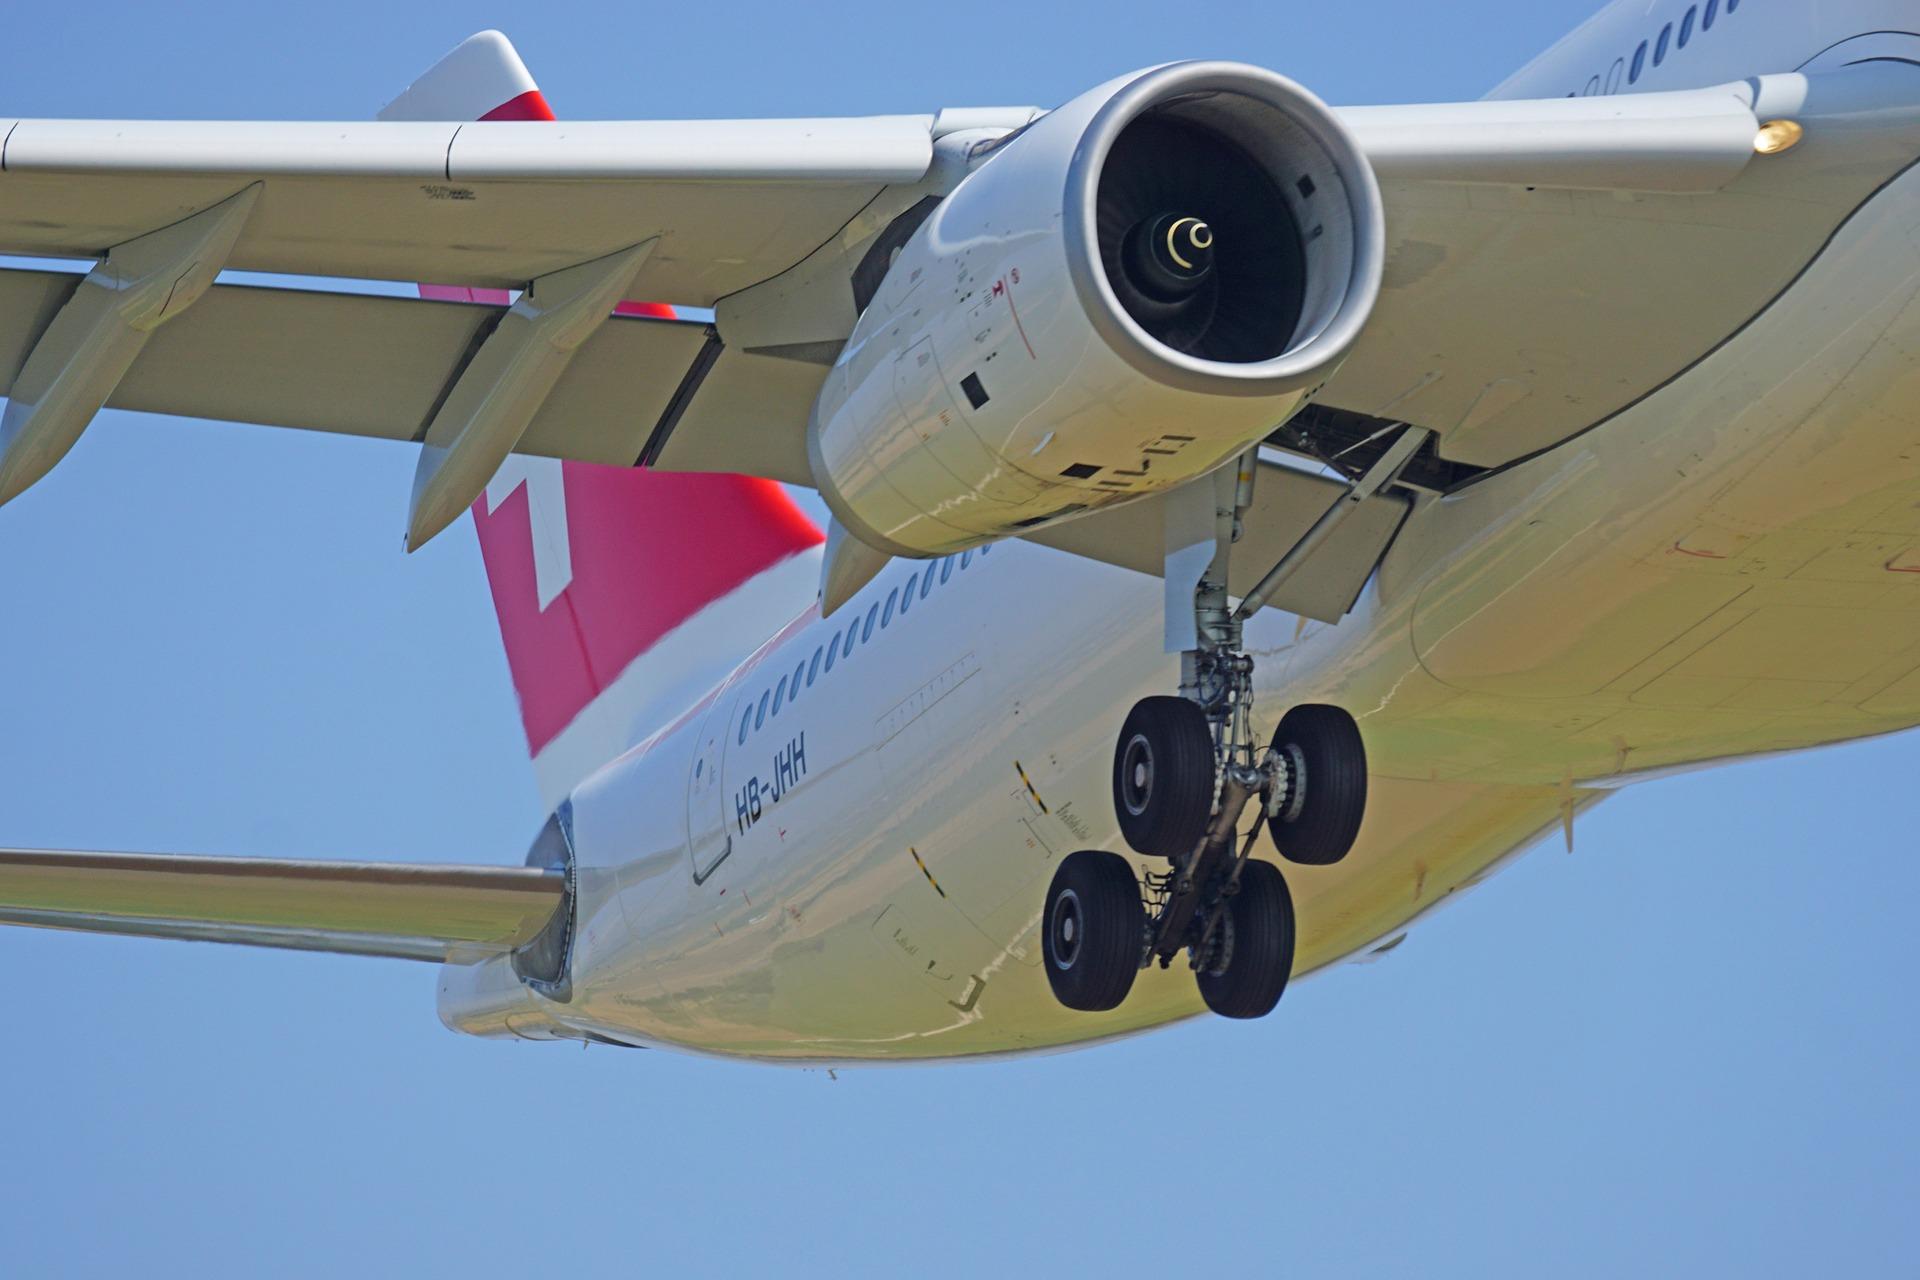 aircraft-1555880_1920